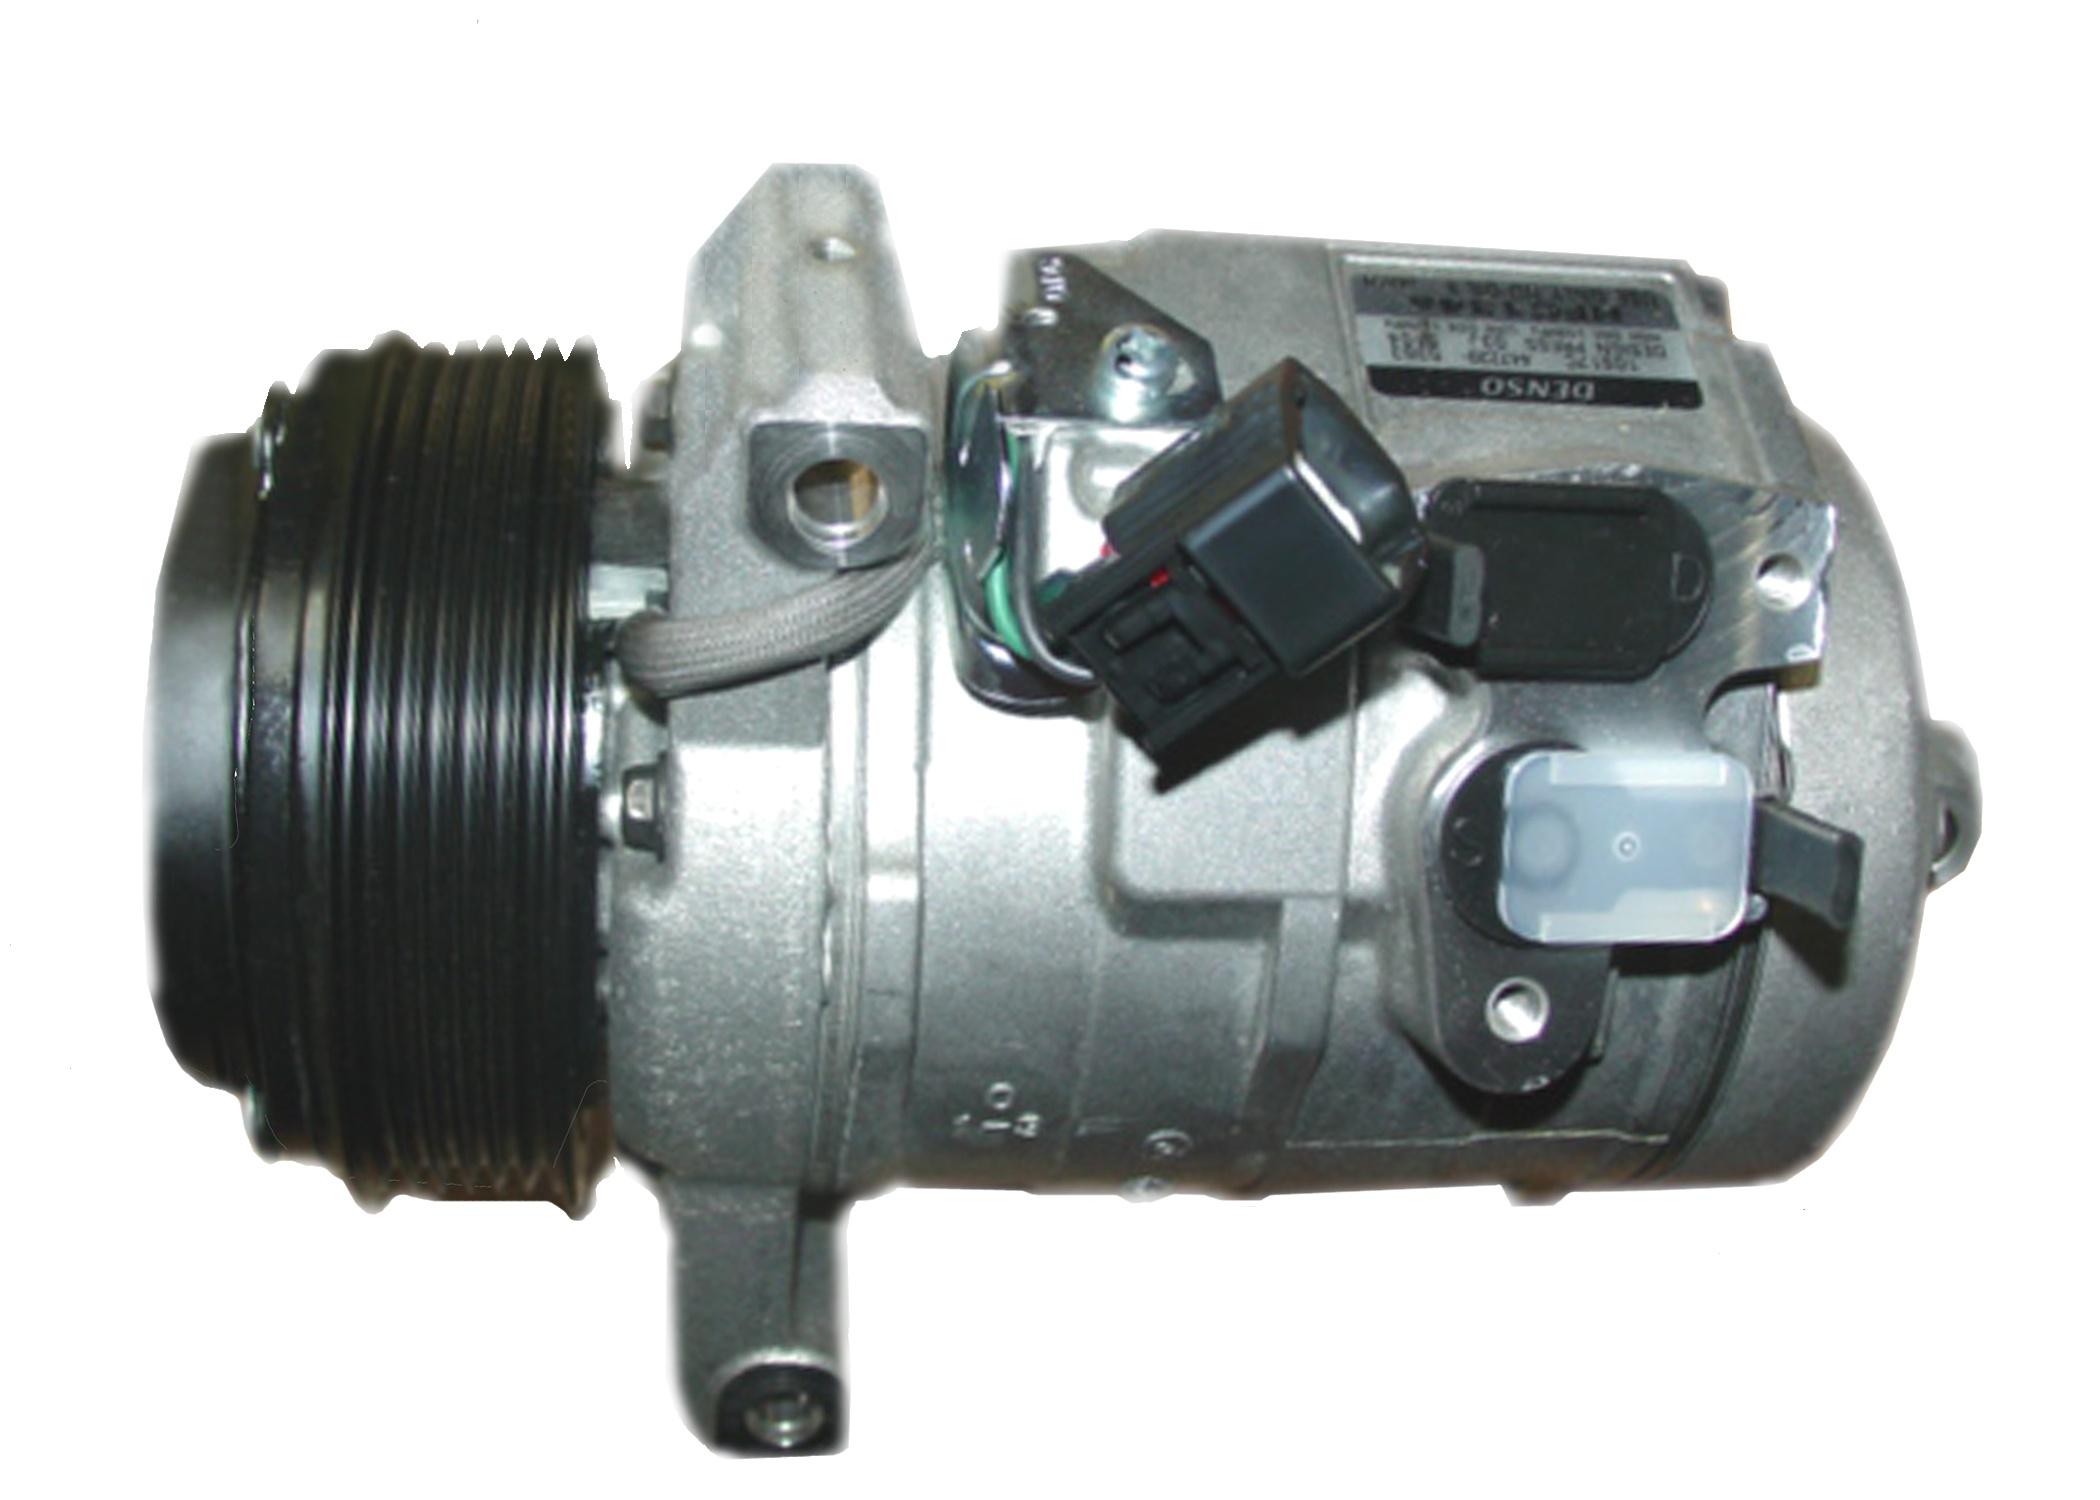 ACDELCO GM ORIGINAL EQUIPMENT - A/C Compressor - DCB 15-21223